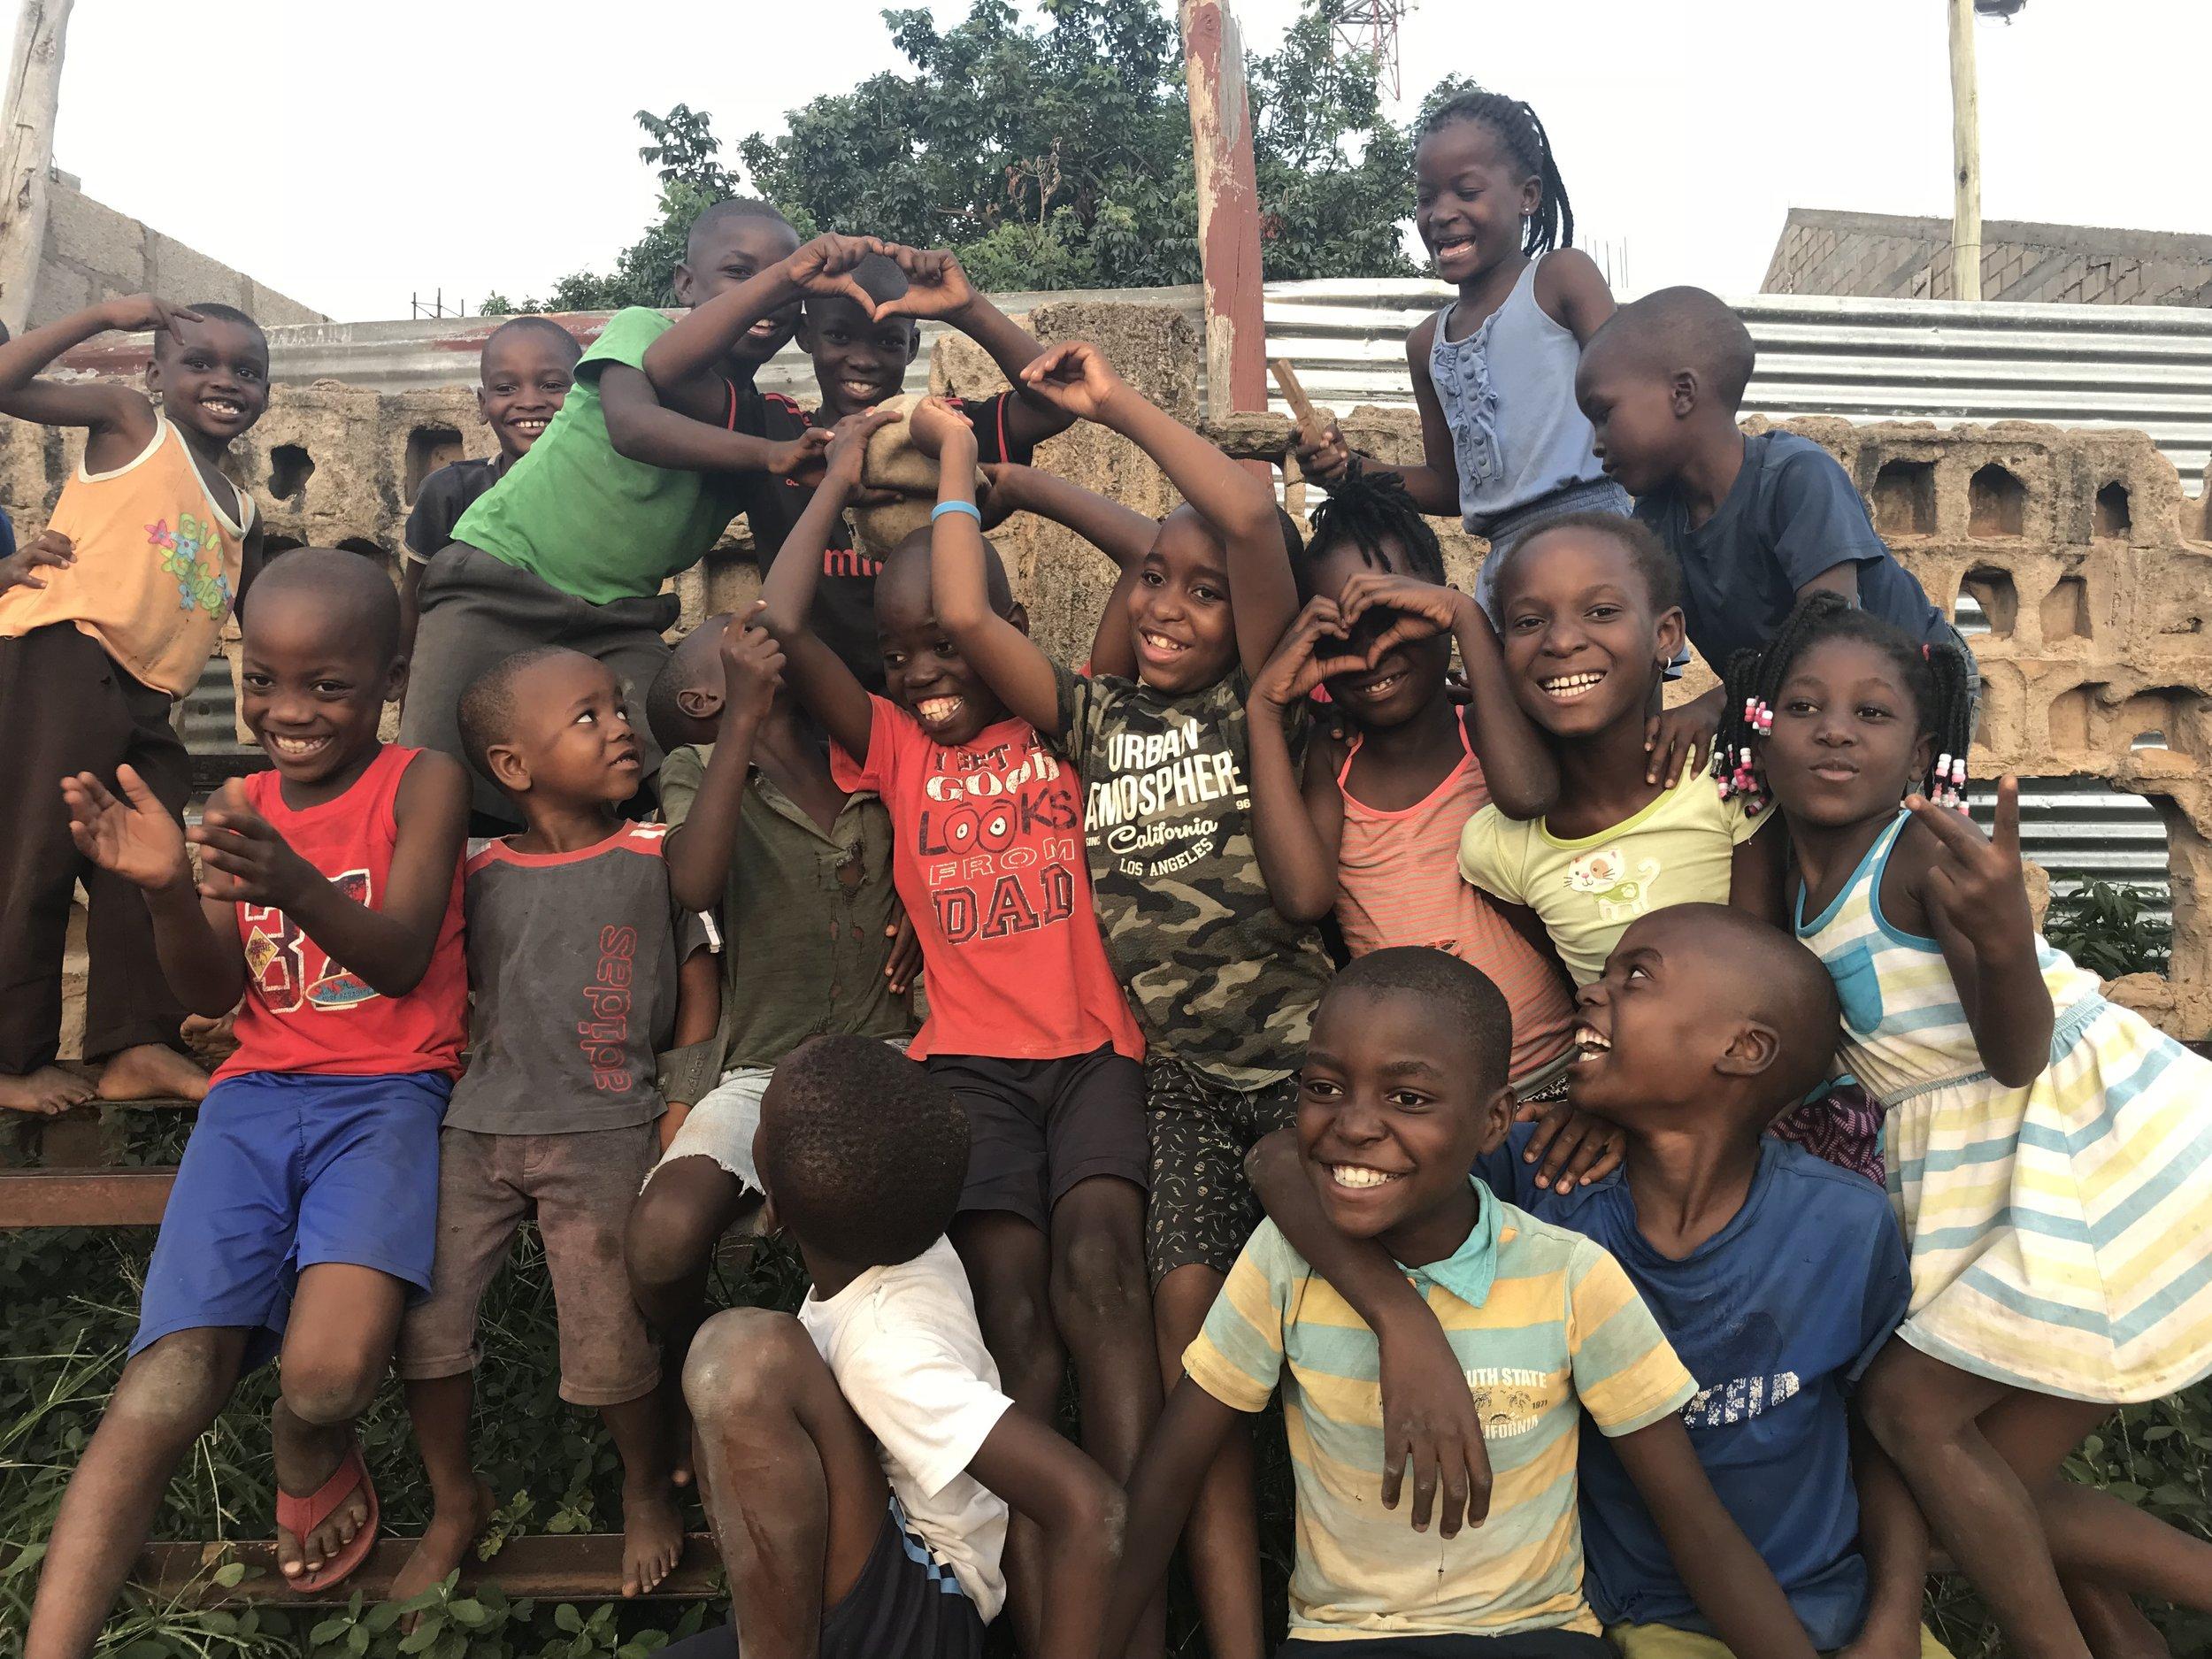 A Favela united - Com o objectivo de atingir 100 mil crianças marginalizadas em todo o mundo, a Favela United utiliza o futebol como veículo para proporcionar habilidades básicas, conhecimentos e ferramentas essenciais para que estas crianças se tornem campeãs do seu próprio destino.